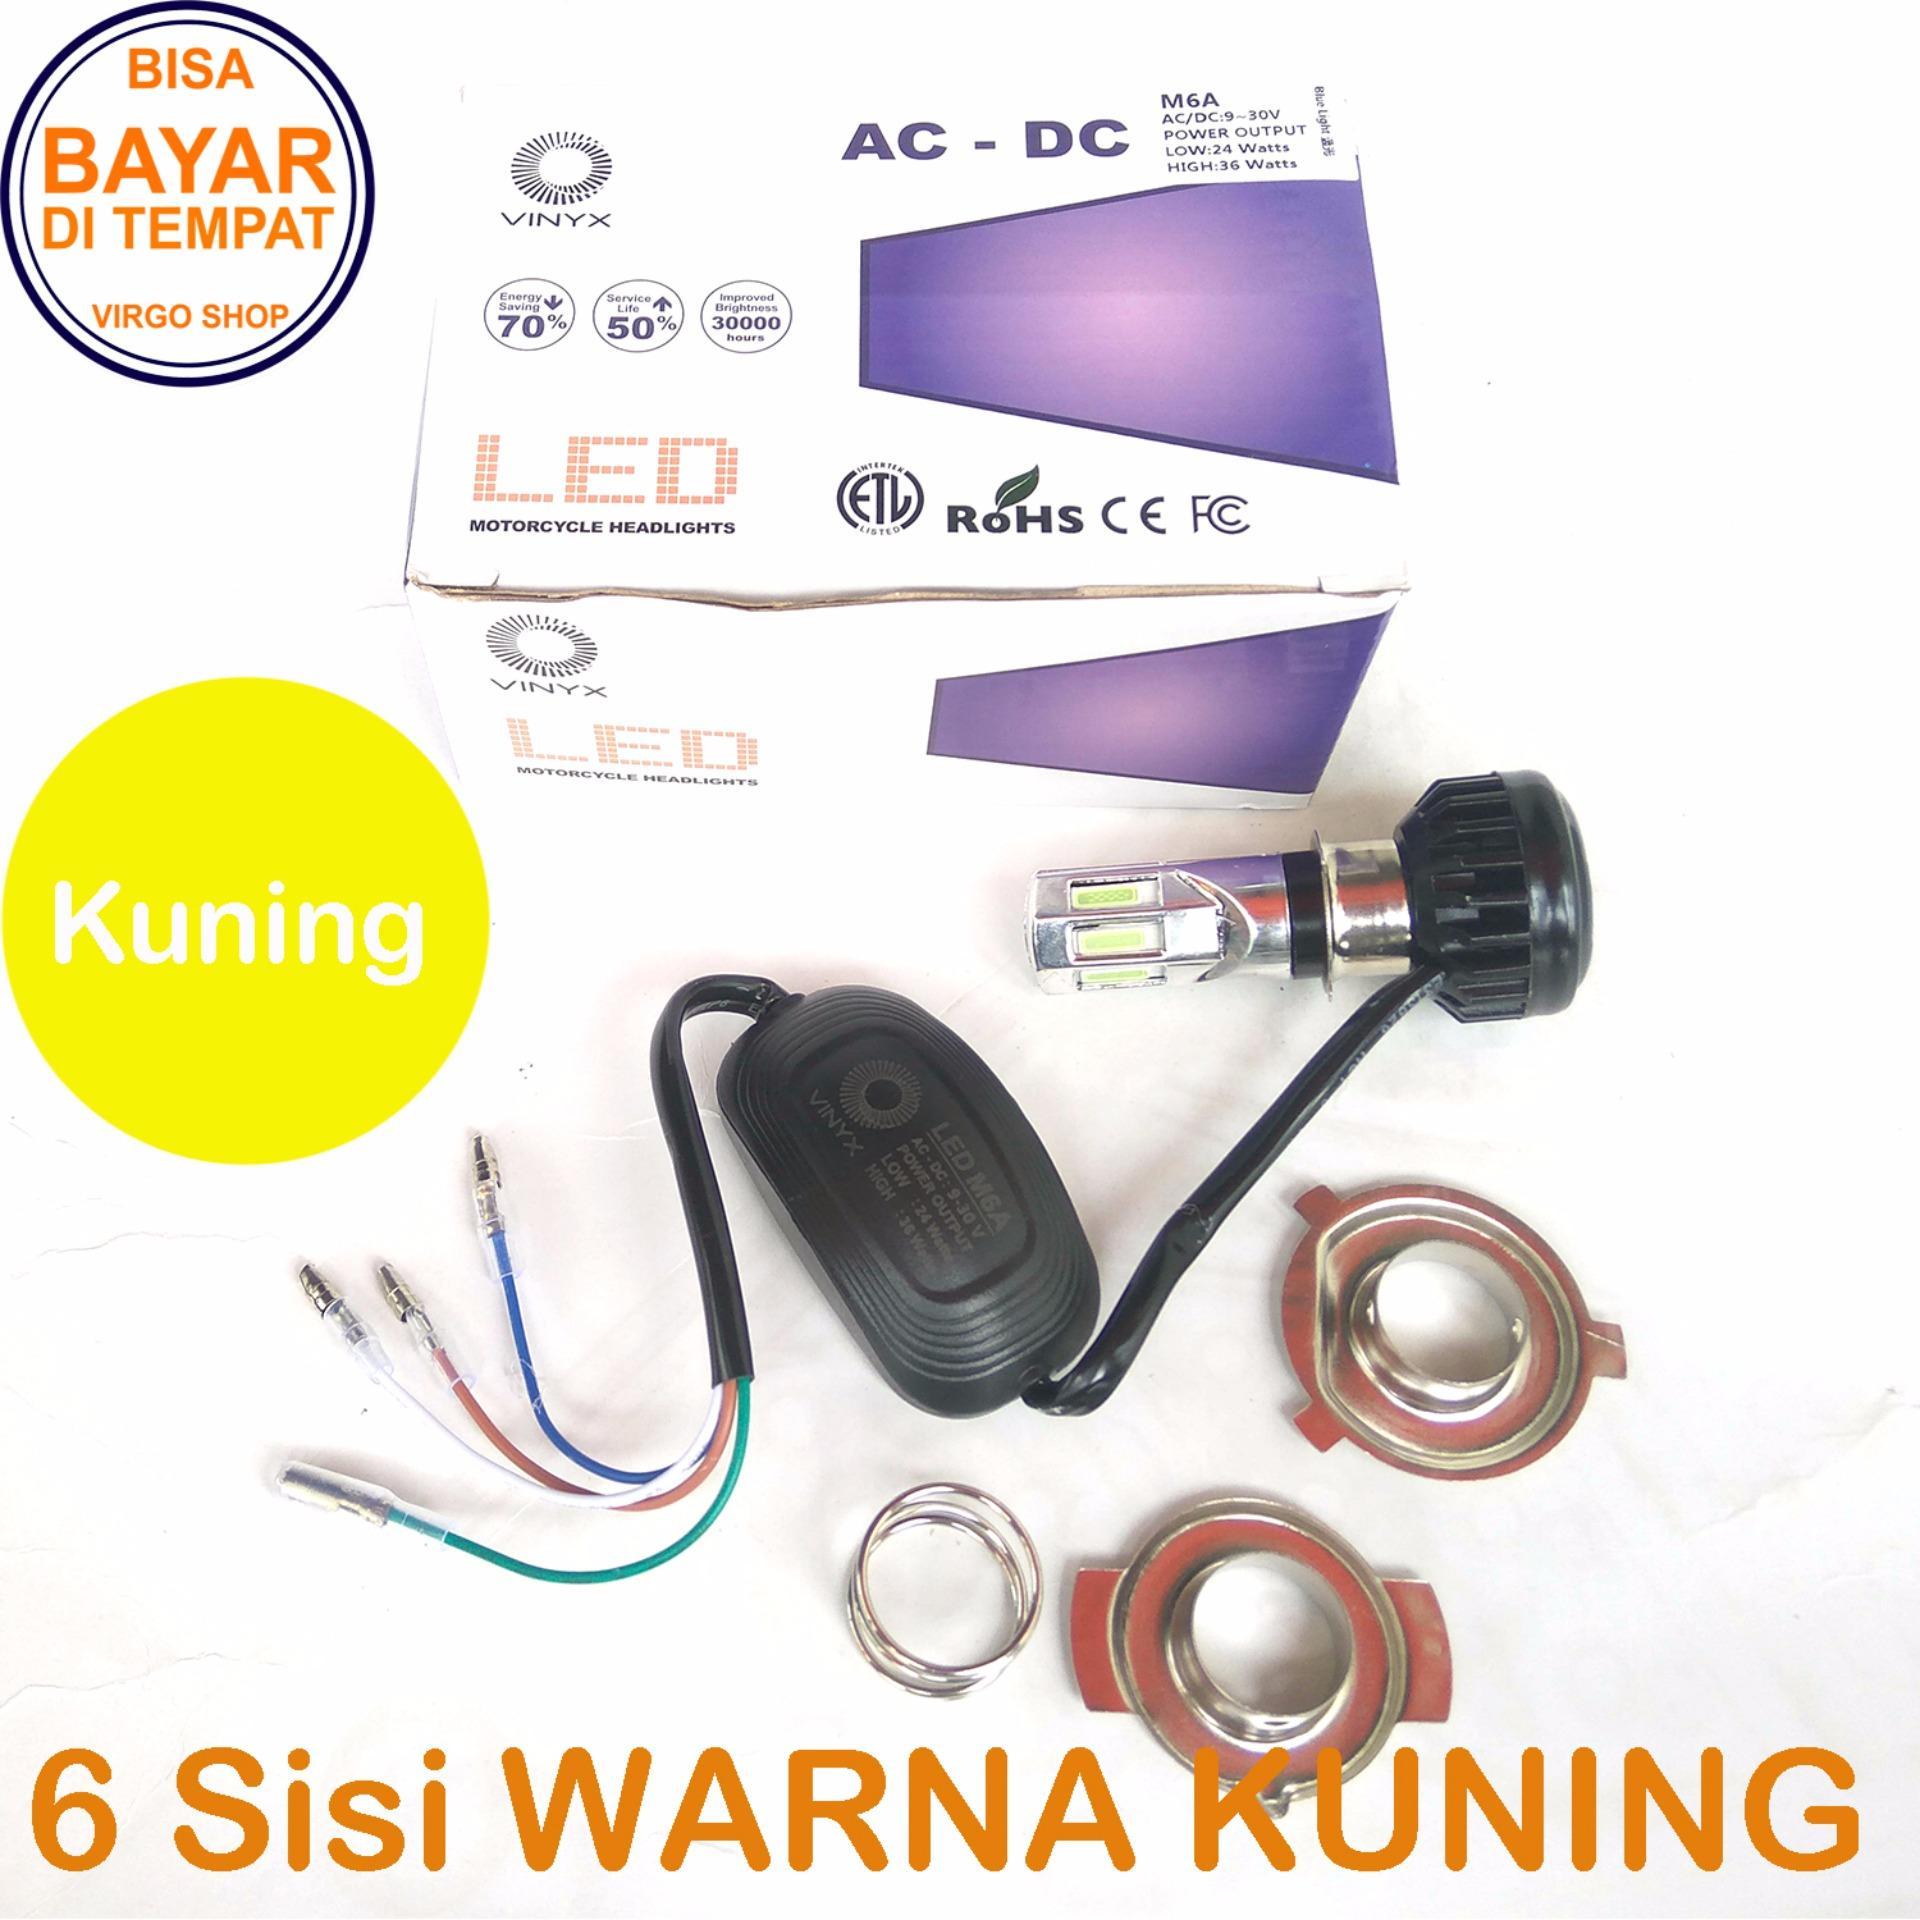 Vinyx Lampu Depan LED 6 sisi AC DC Model M6A Low 24Watt High 36Watt - 6 Mata Merk Vinyx + Kipas - Kuning